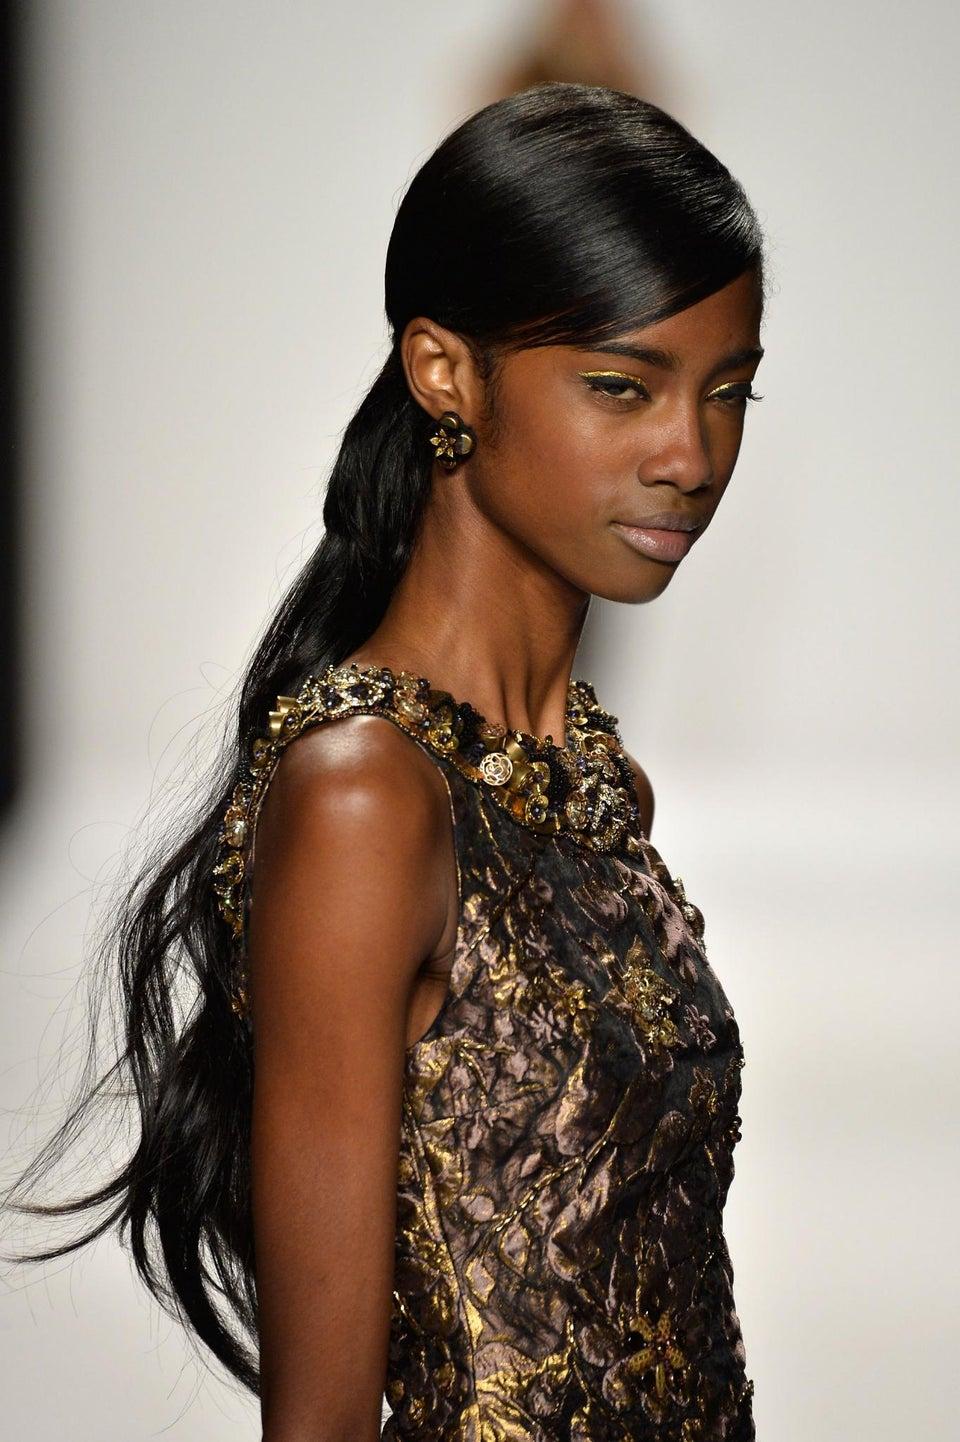 Fashion Week Beauty School: Golden Eye